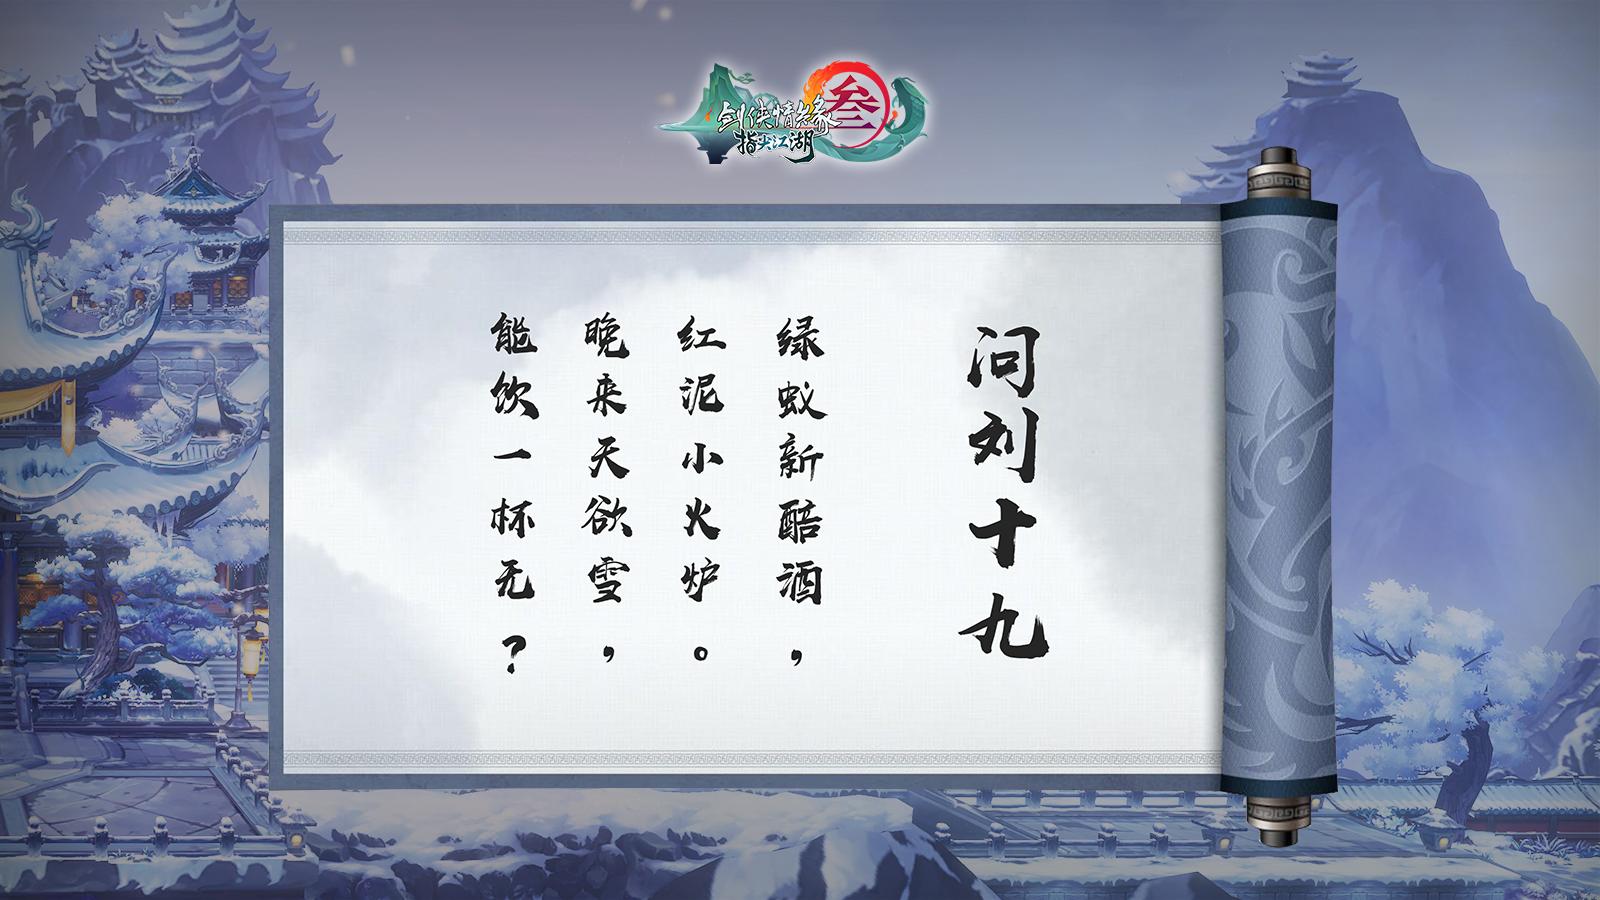 《剑网3:指尖江湖》重磅发布 核心内容多重曝光